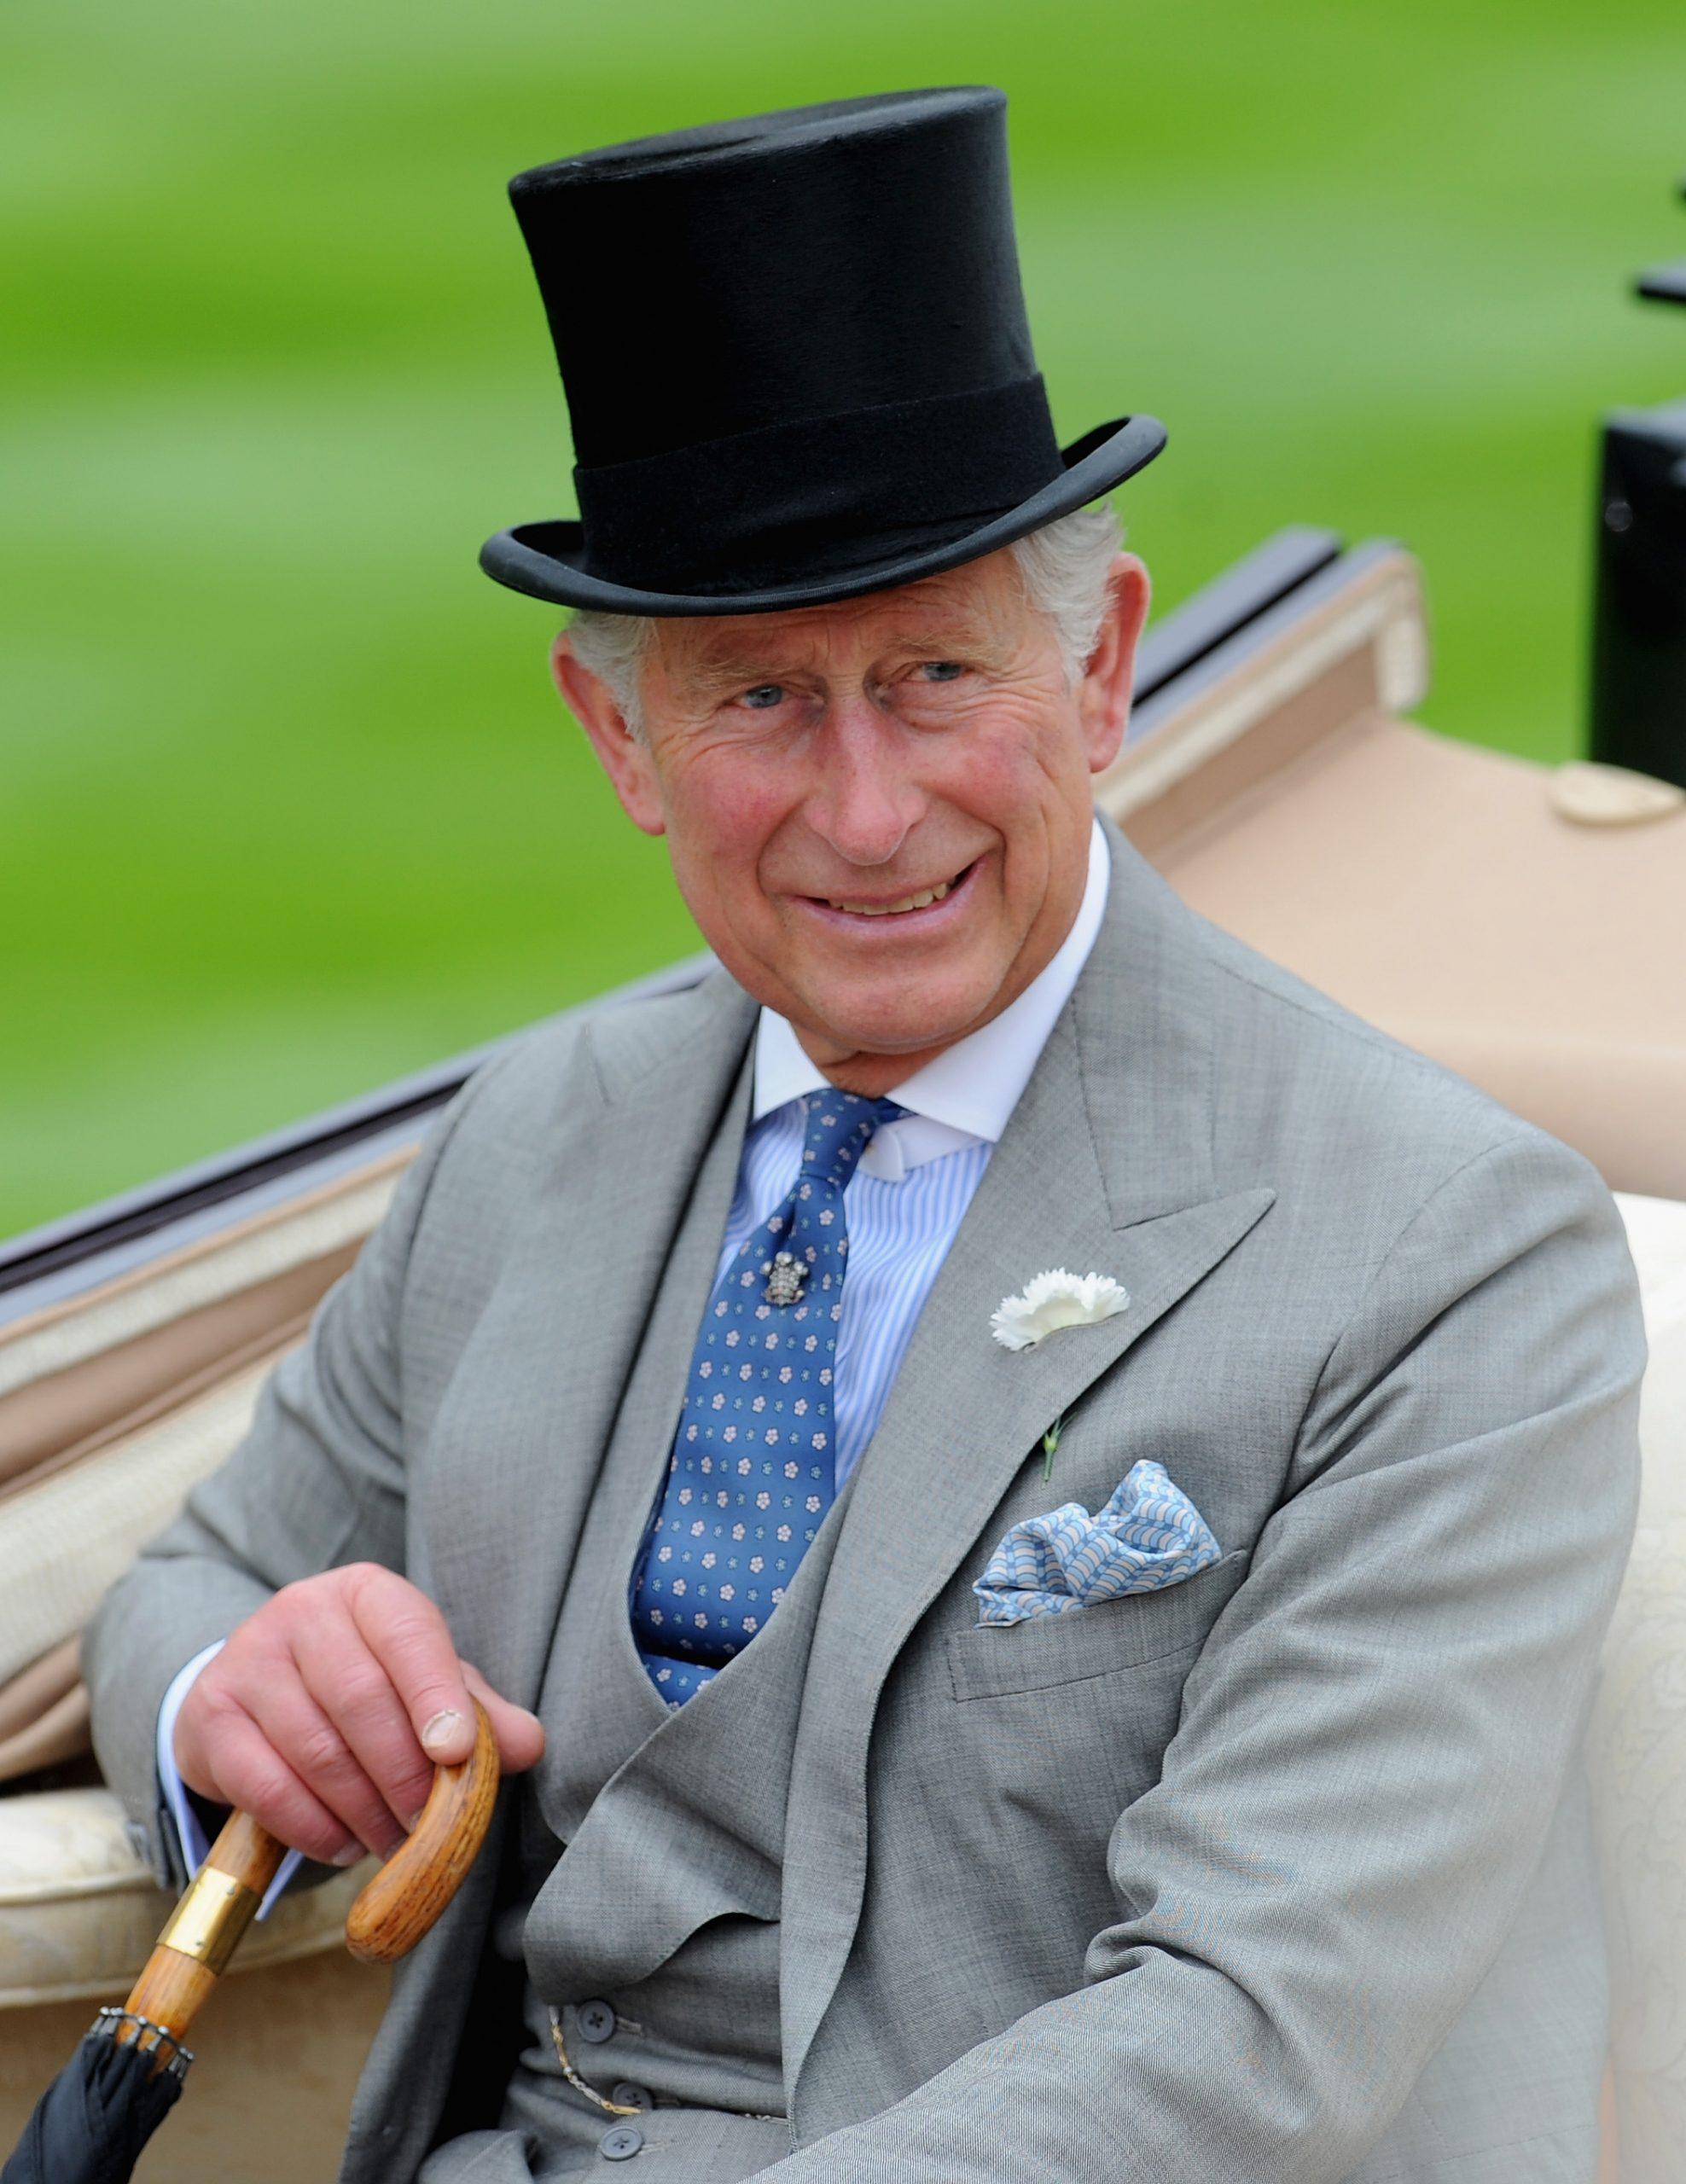 Príncipe Carlos en Ascot. /Foto: Gettyimages